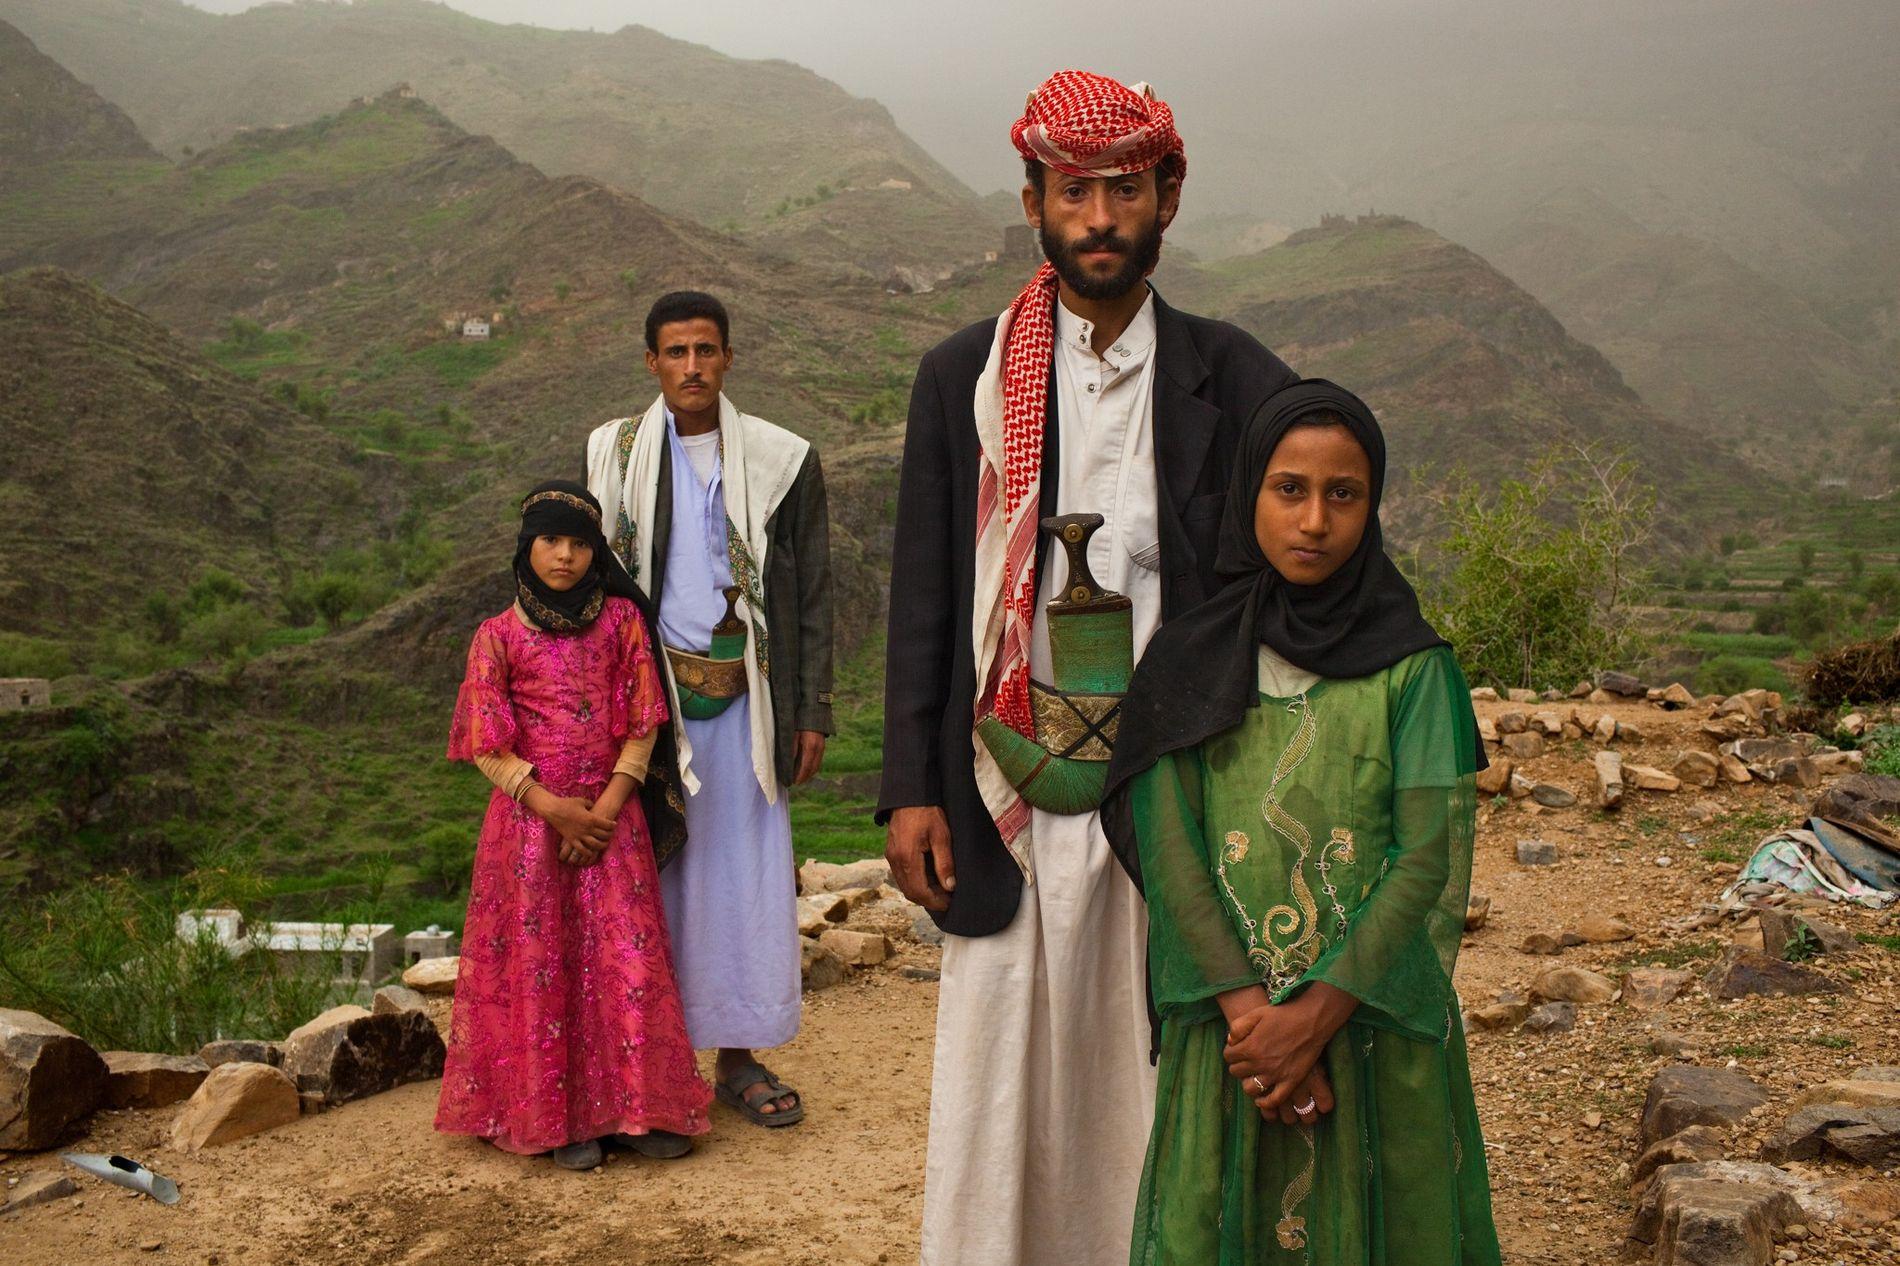 HAJJAH, IÉMEN – Os homens que acompanham estas raparigas iemenitas não são os seus pais. Para ...